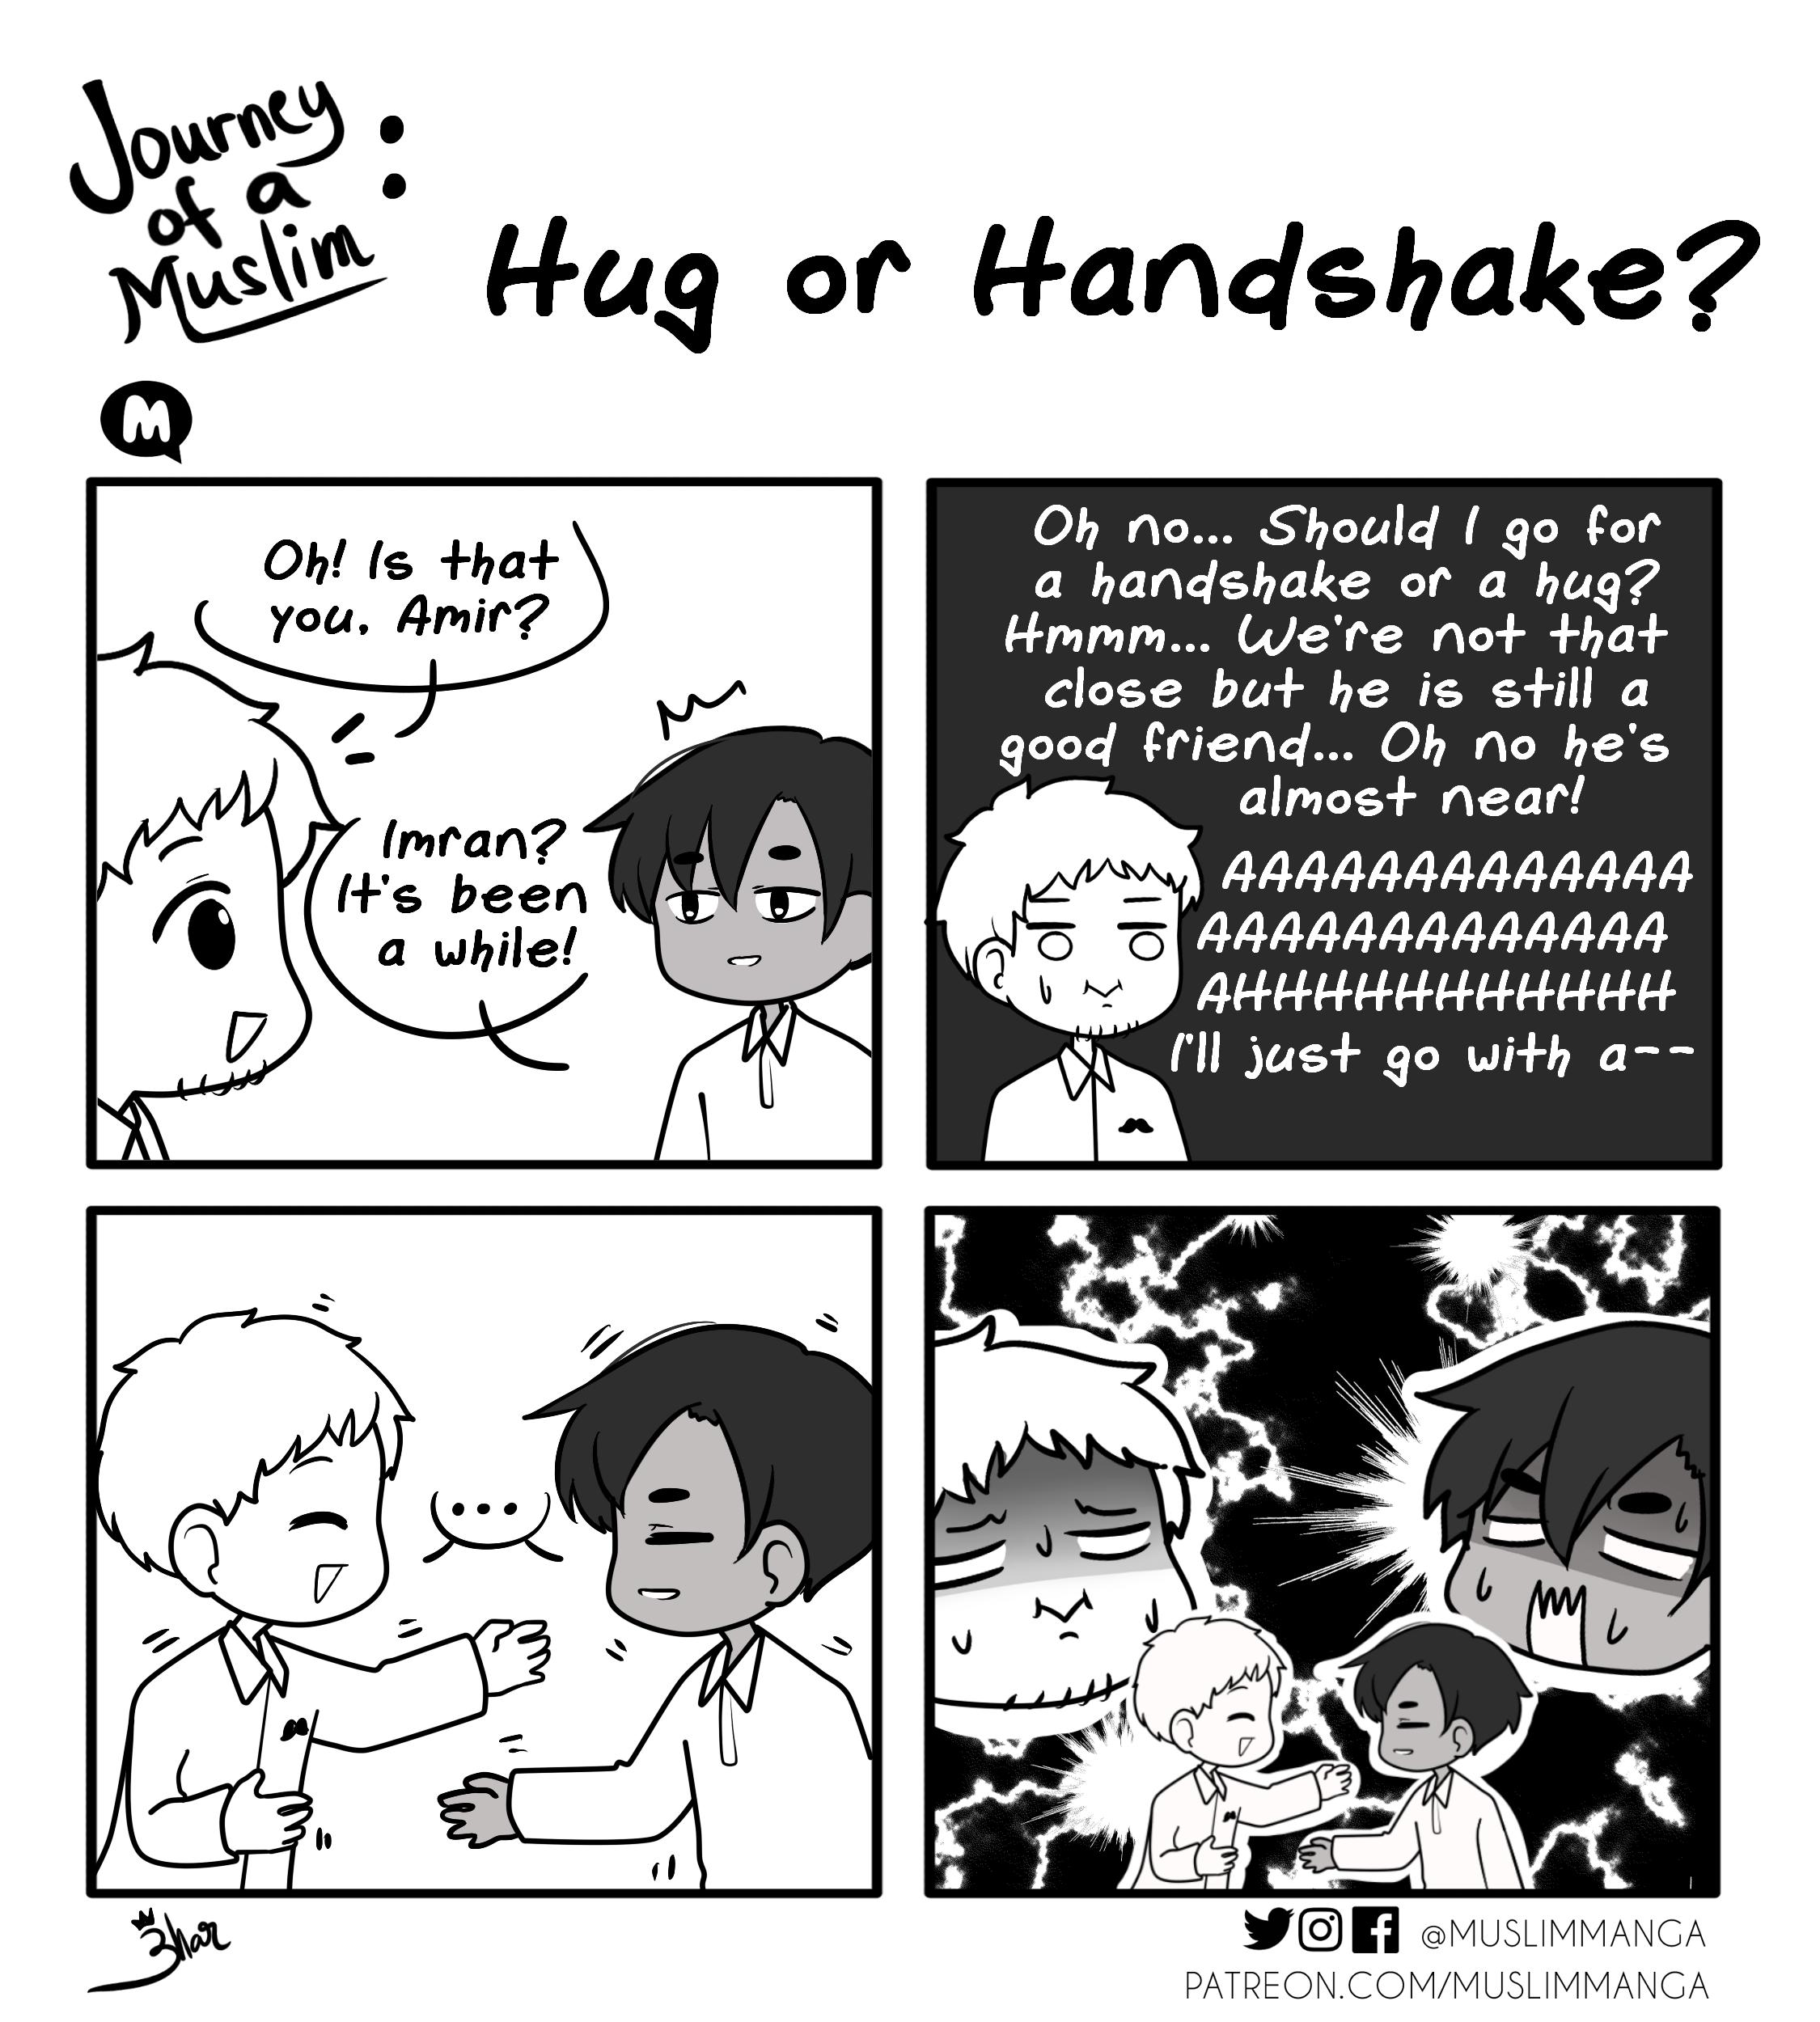 Hug or Handshake?